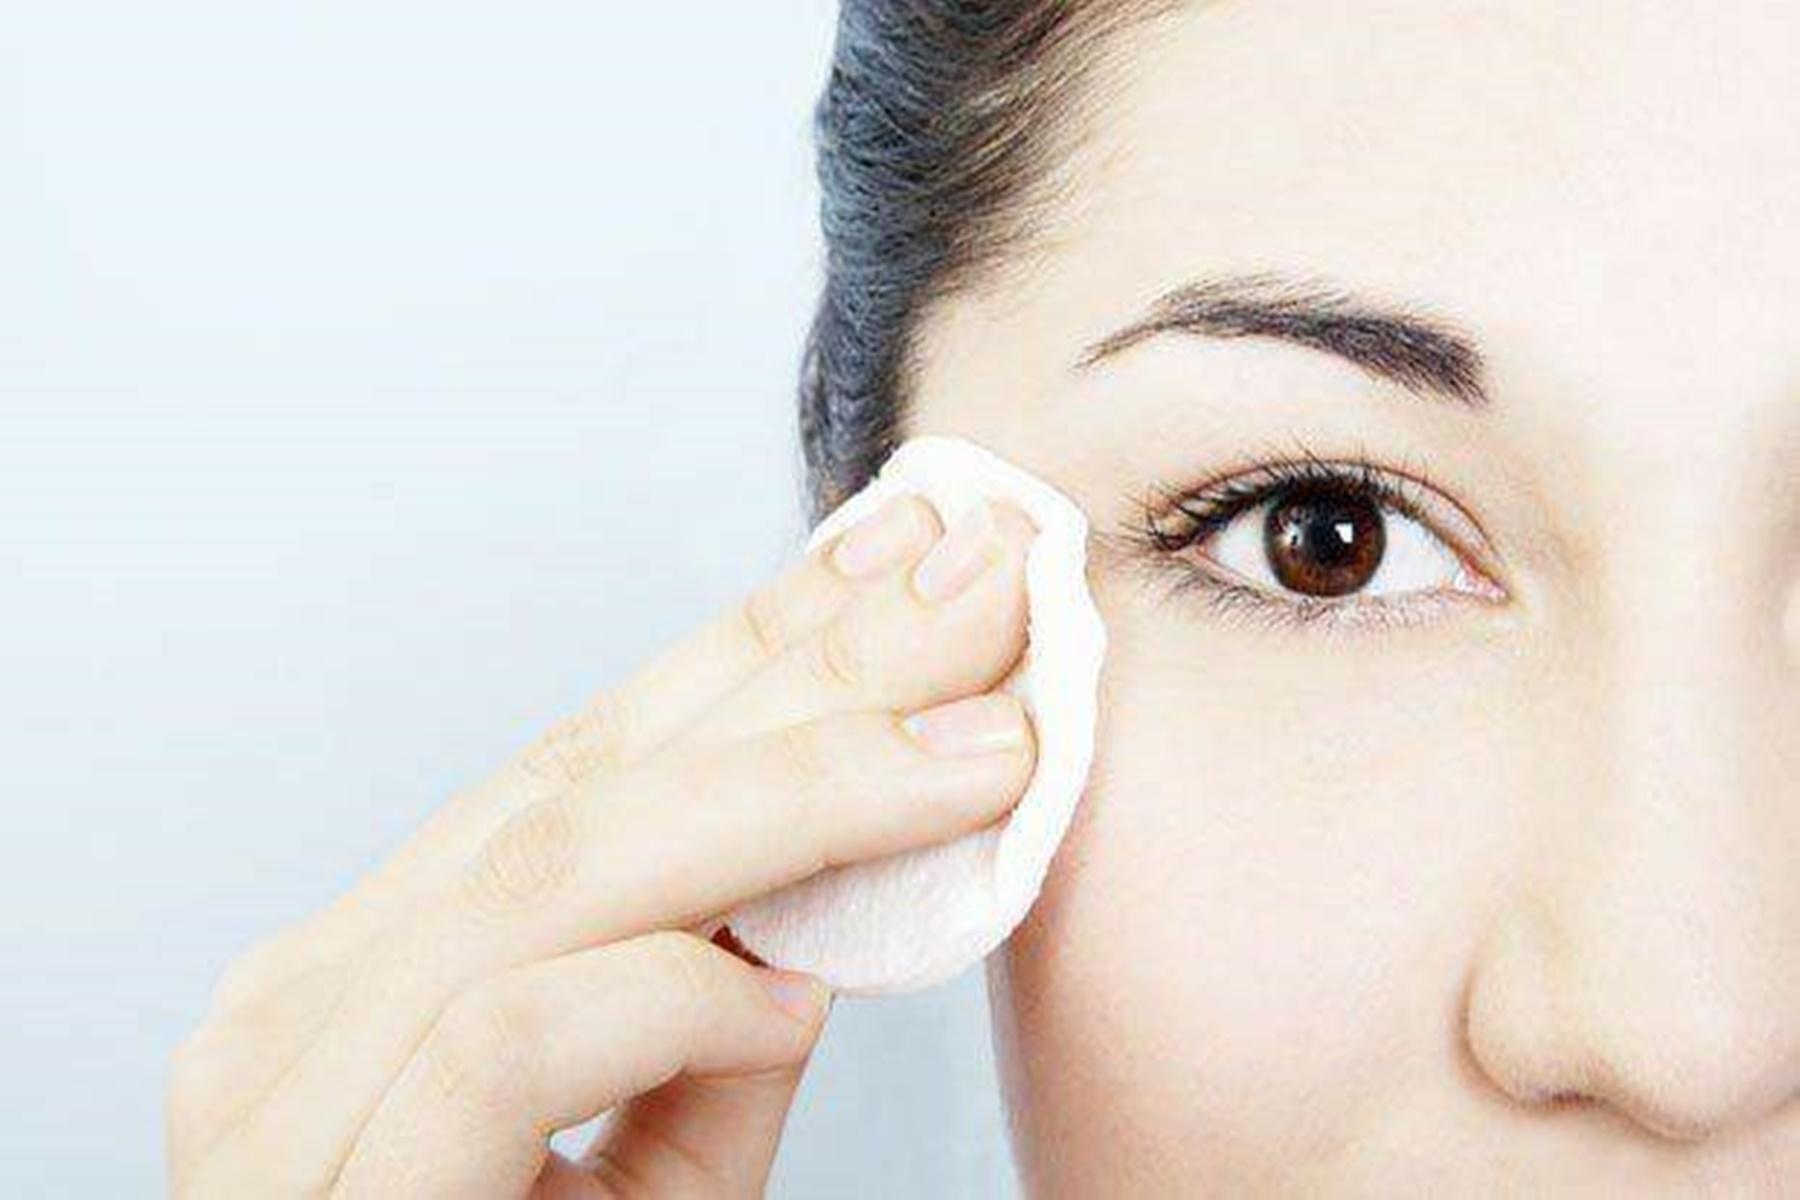 Ομορφιά : Συμβουλές για να αφαιρέσετε το μακιγιάζ σας